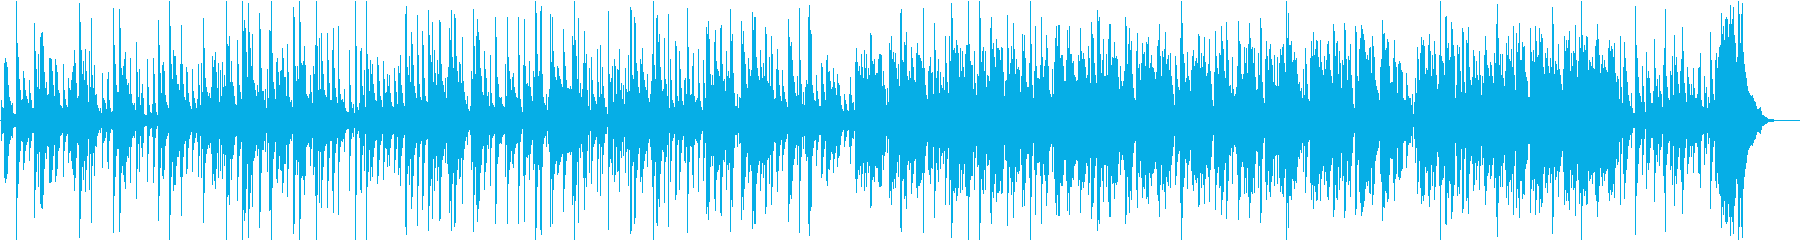 深夜に聴きたいシンプルなスロージャズの再生済みの波形